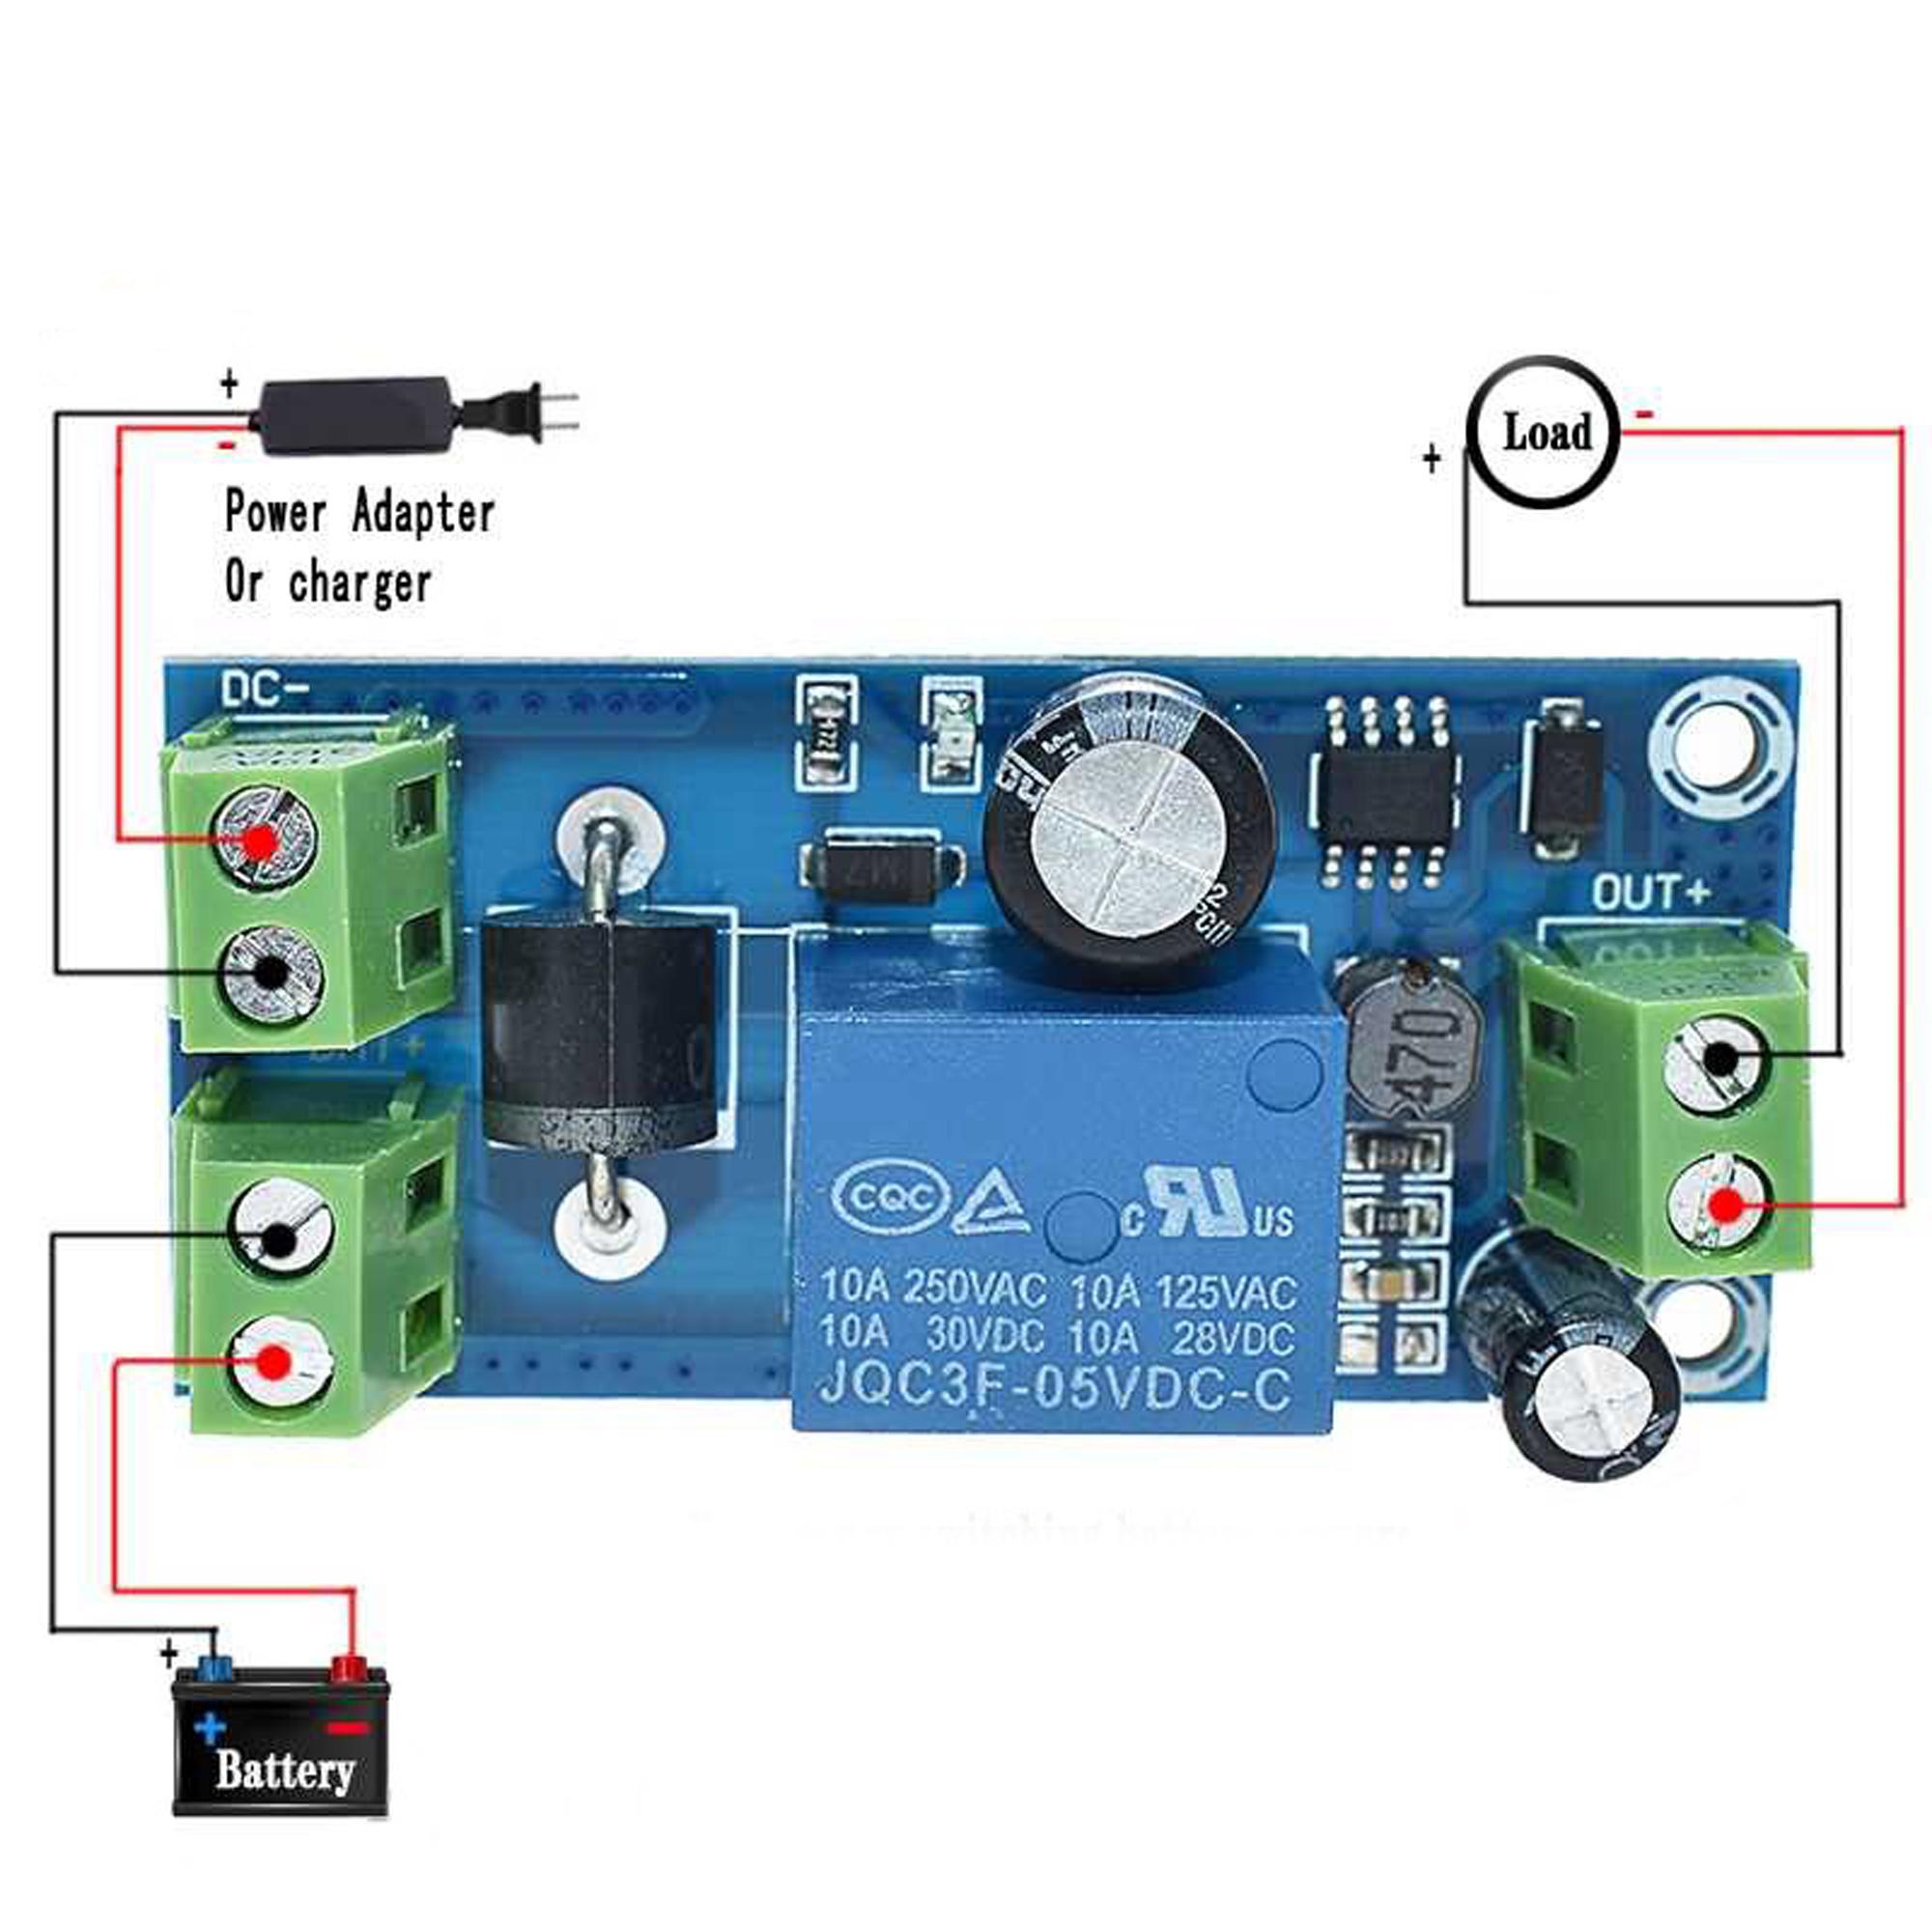 Module chuyển đổi nguồn dự phòng 5-48VDC - 5